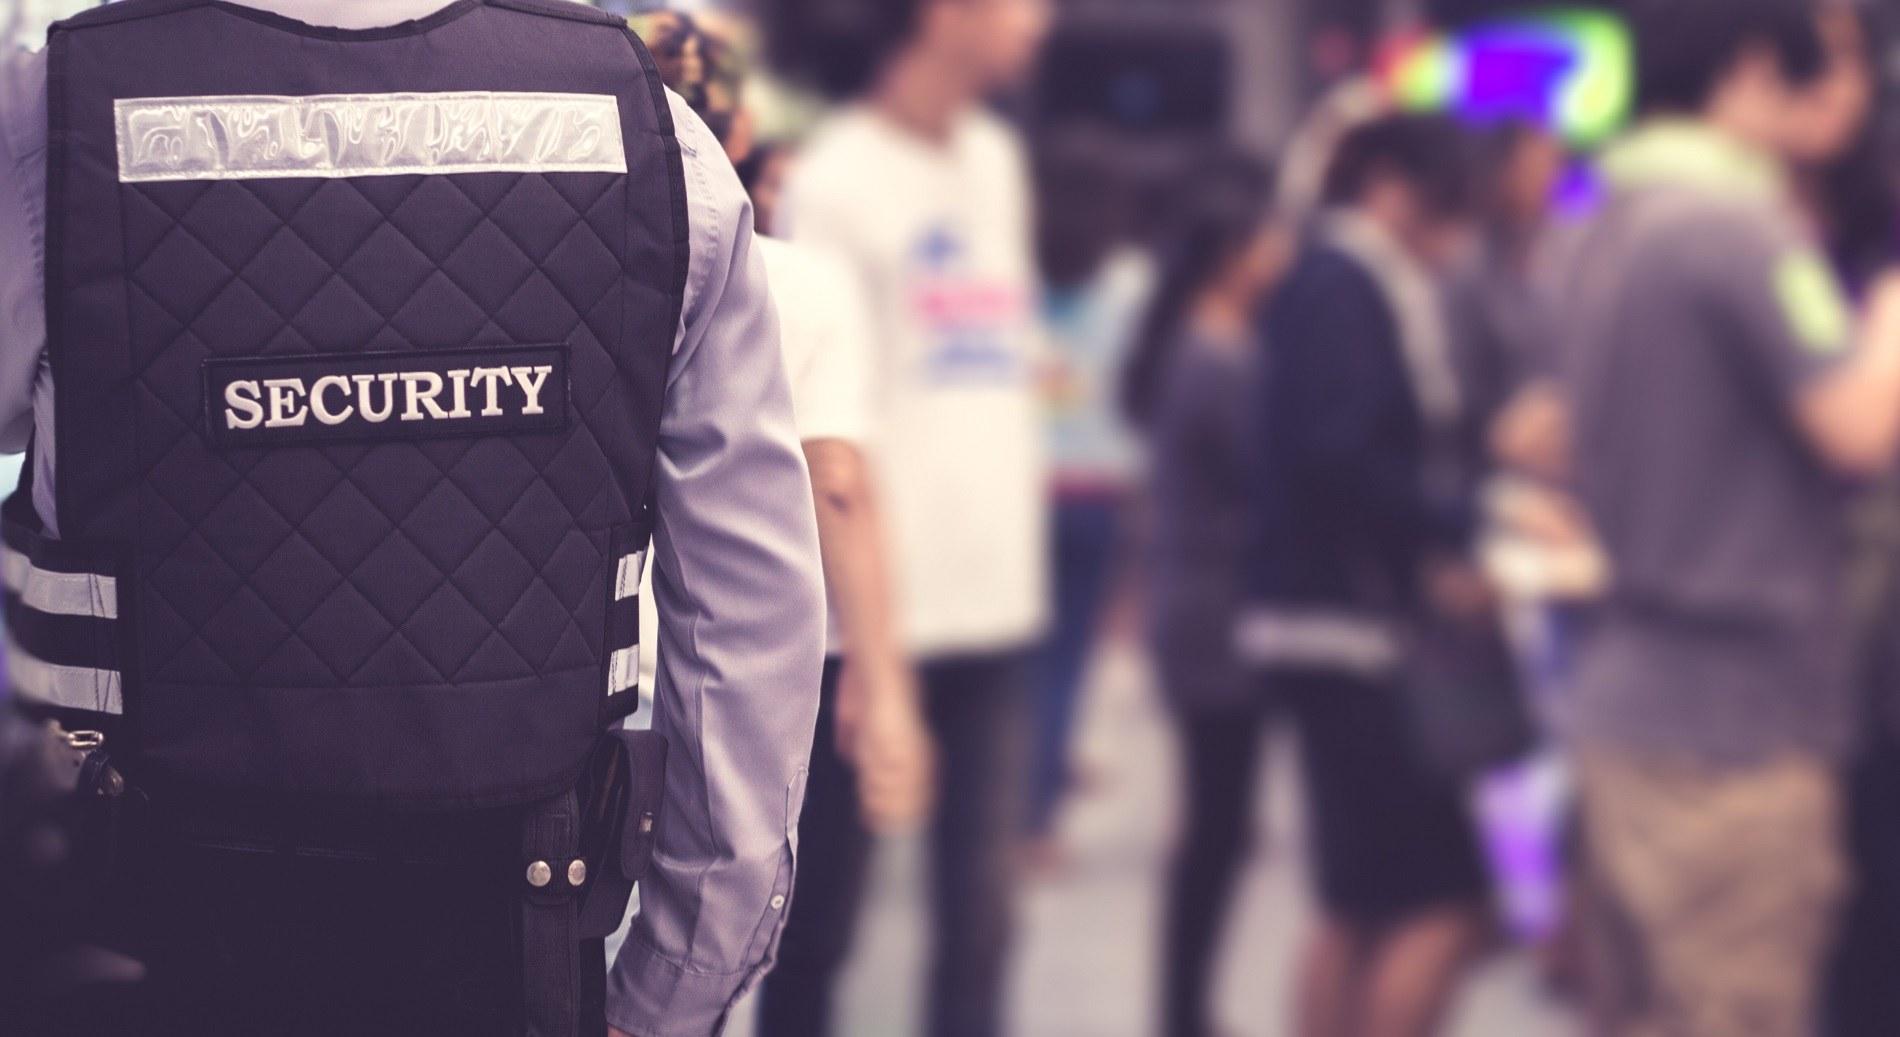 Objektschutz Objektbewachung Sicherheitsdienst Security